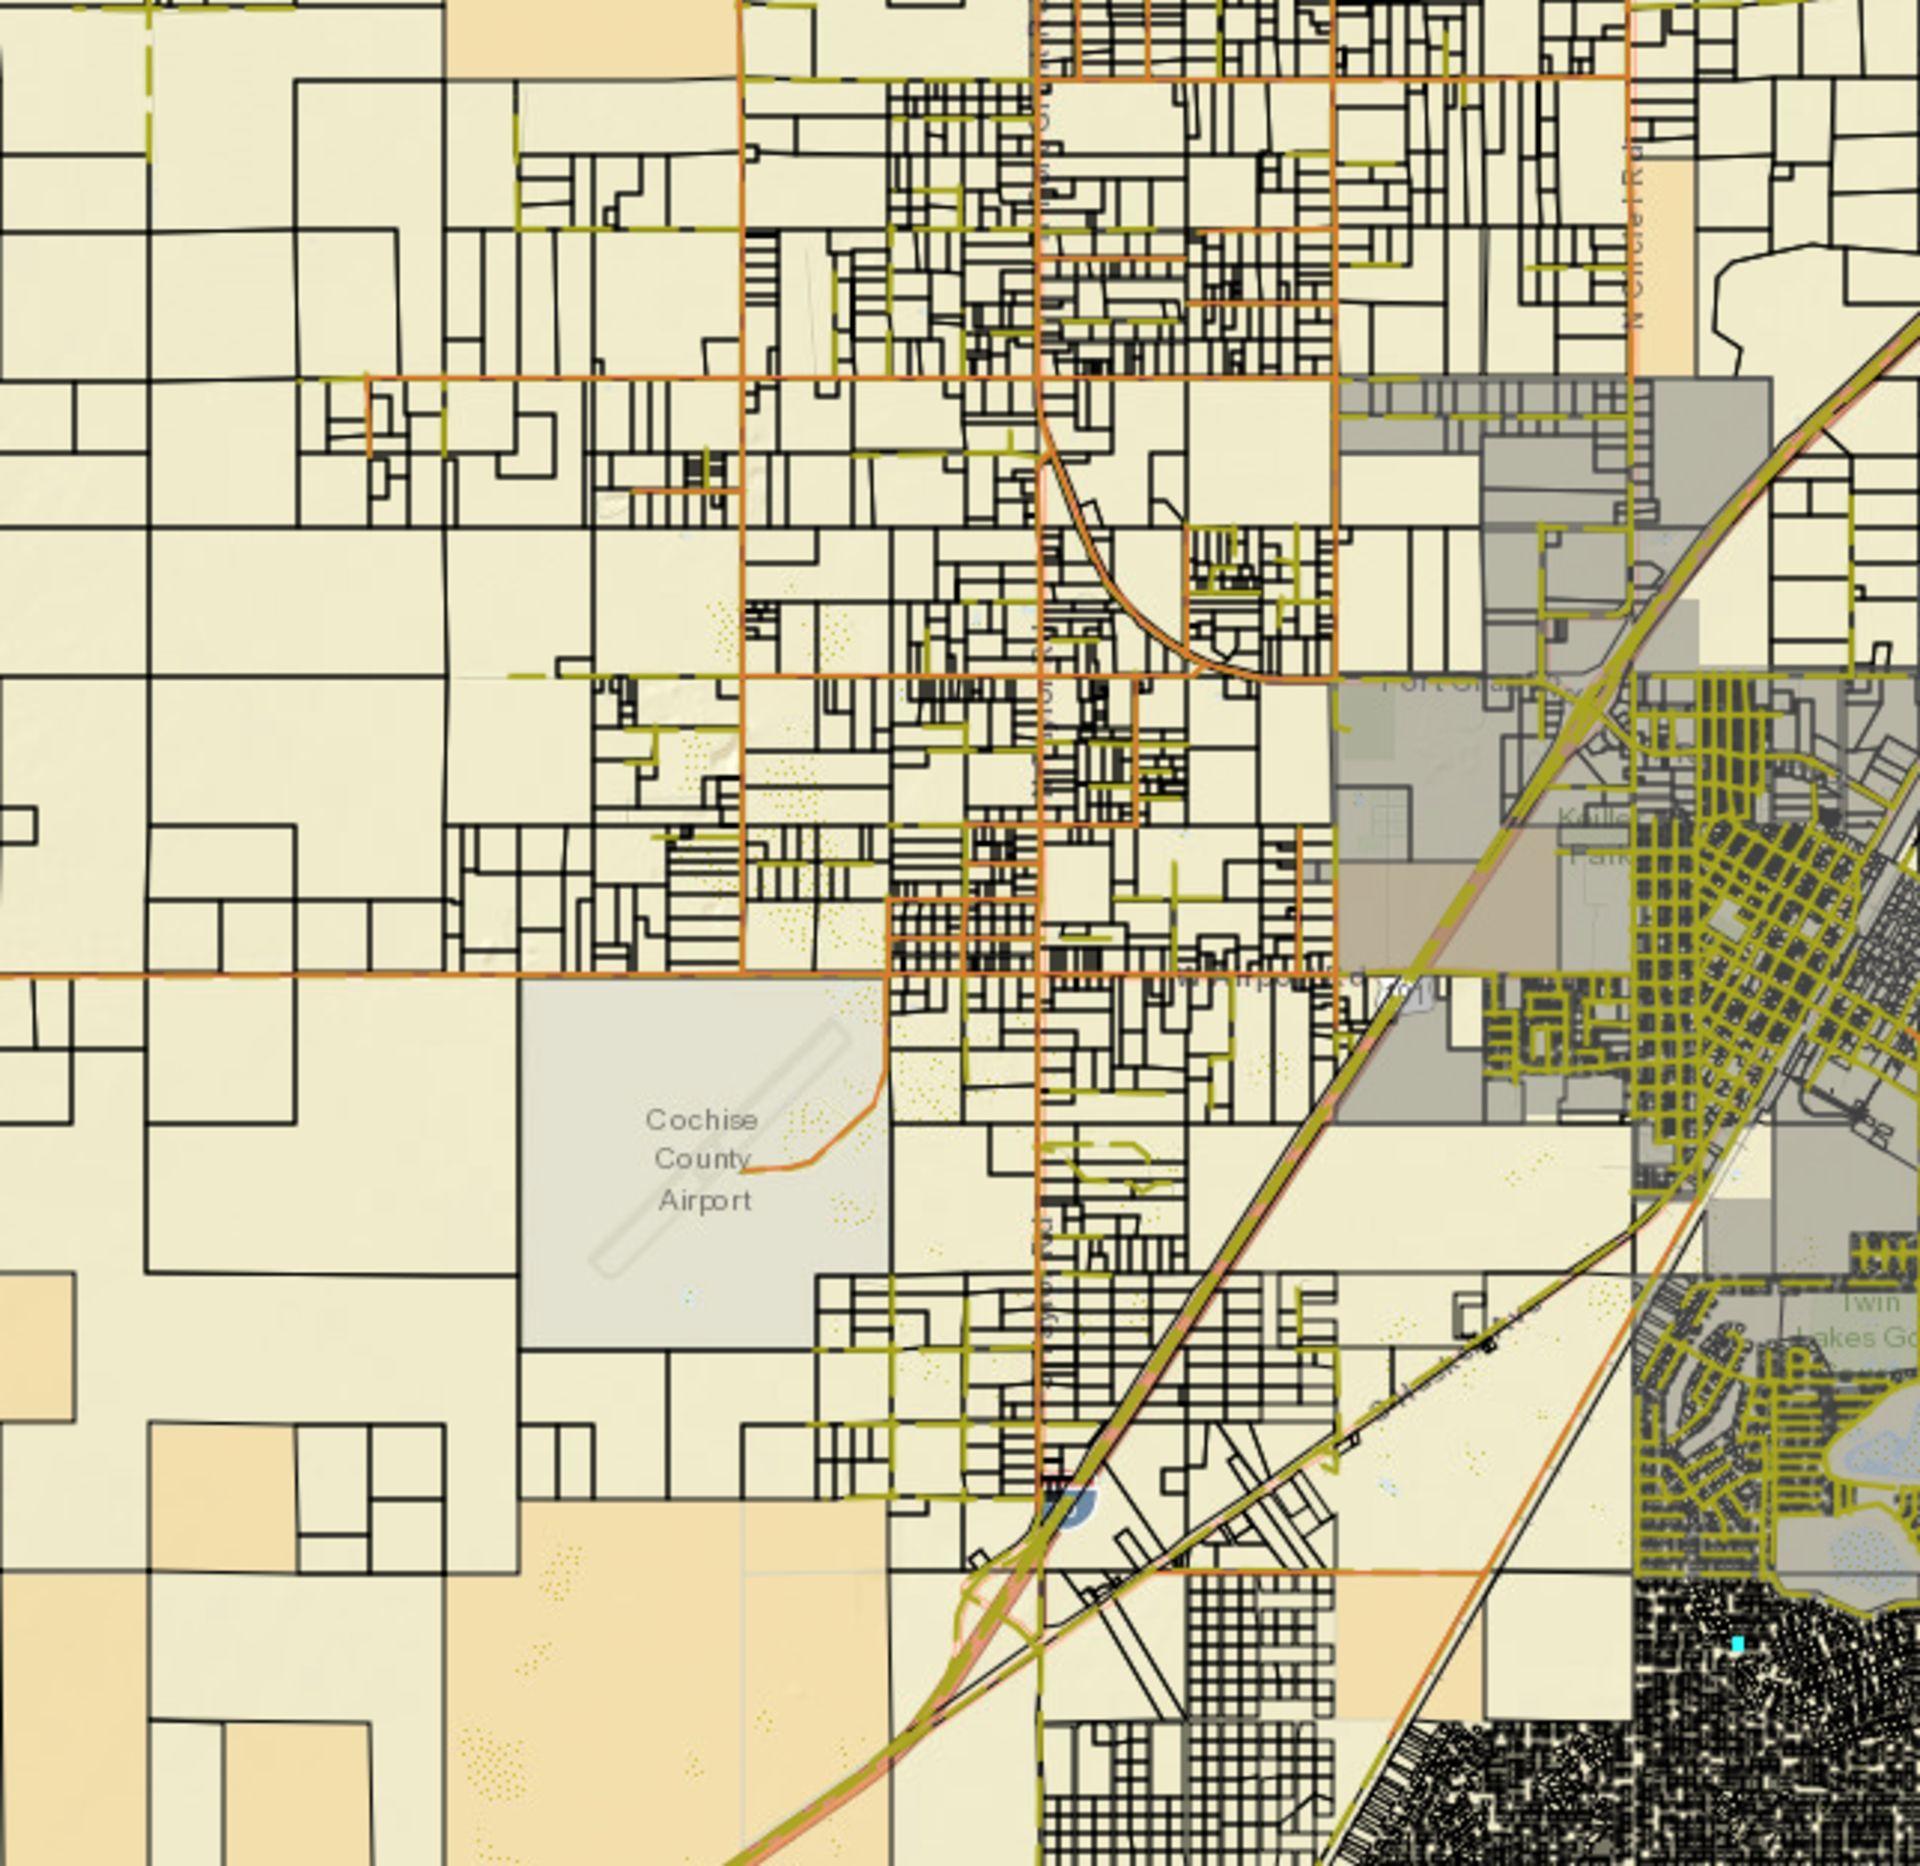 Mesmerizing Cochise County, AZ! - Image 4 of 6